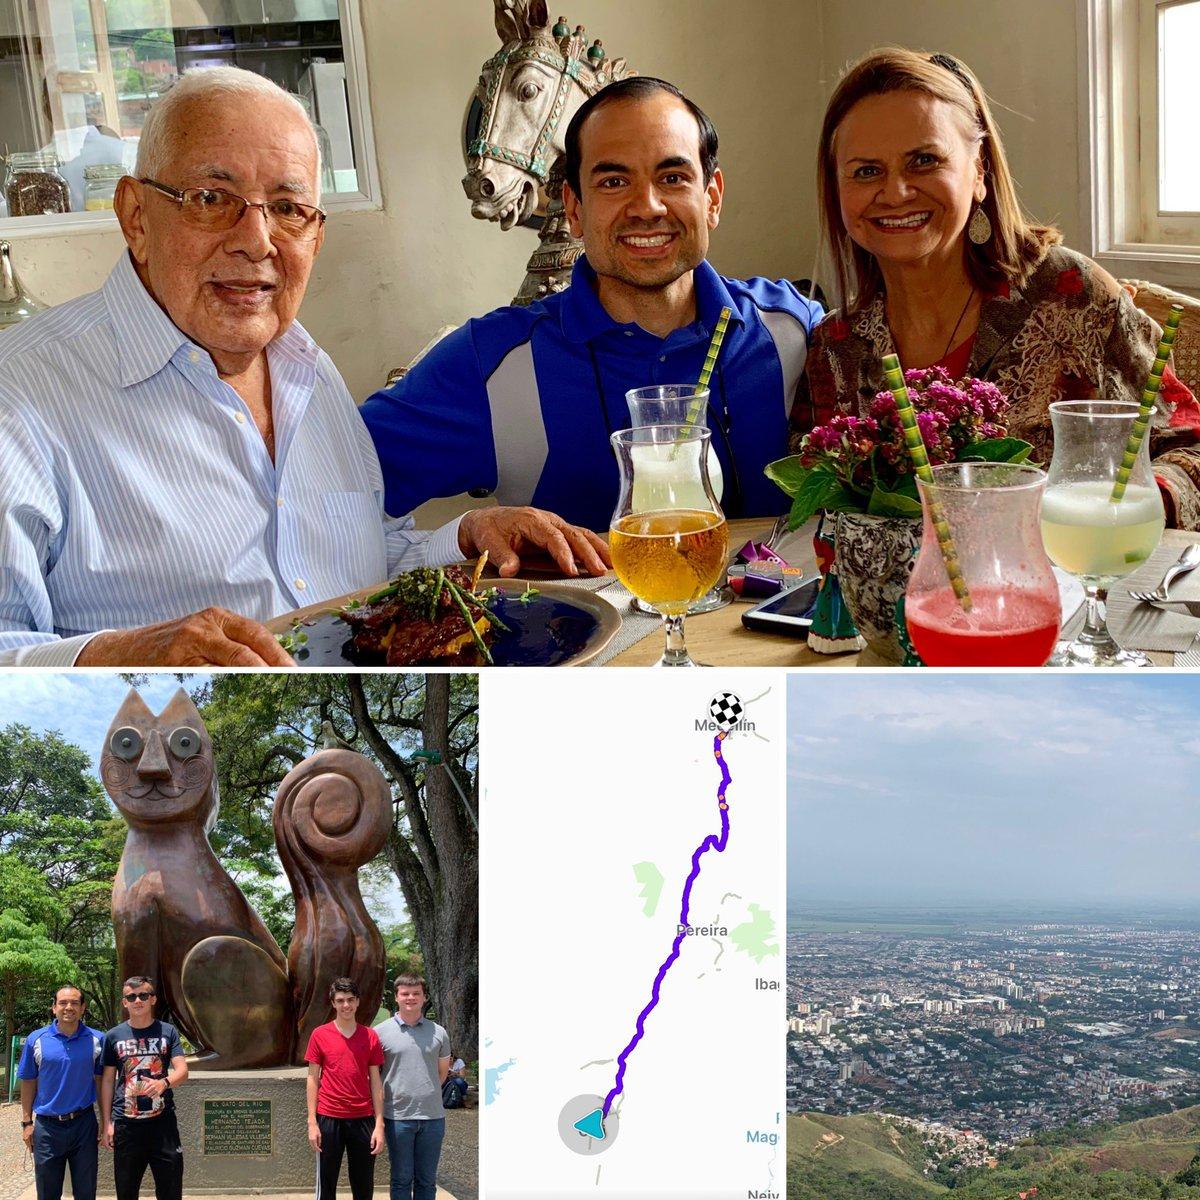 Viernes 11 de octubre: 24 horas en Cali, mi ciudad natal, con tres buenos amigos que querían conocerla. La Sucursal del Cielo siempre vibrante de cultura, fe, alegría, familia y exquisita gastronomía.#Cali#ValleDelCauca#Familia#Amistad